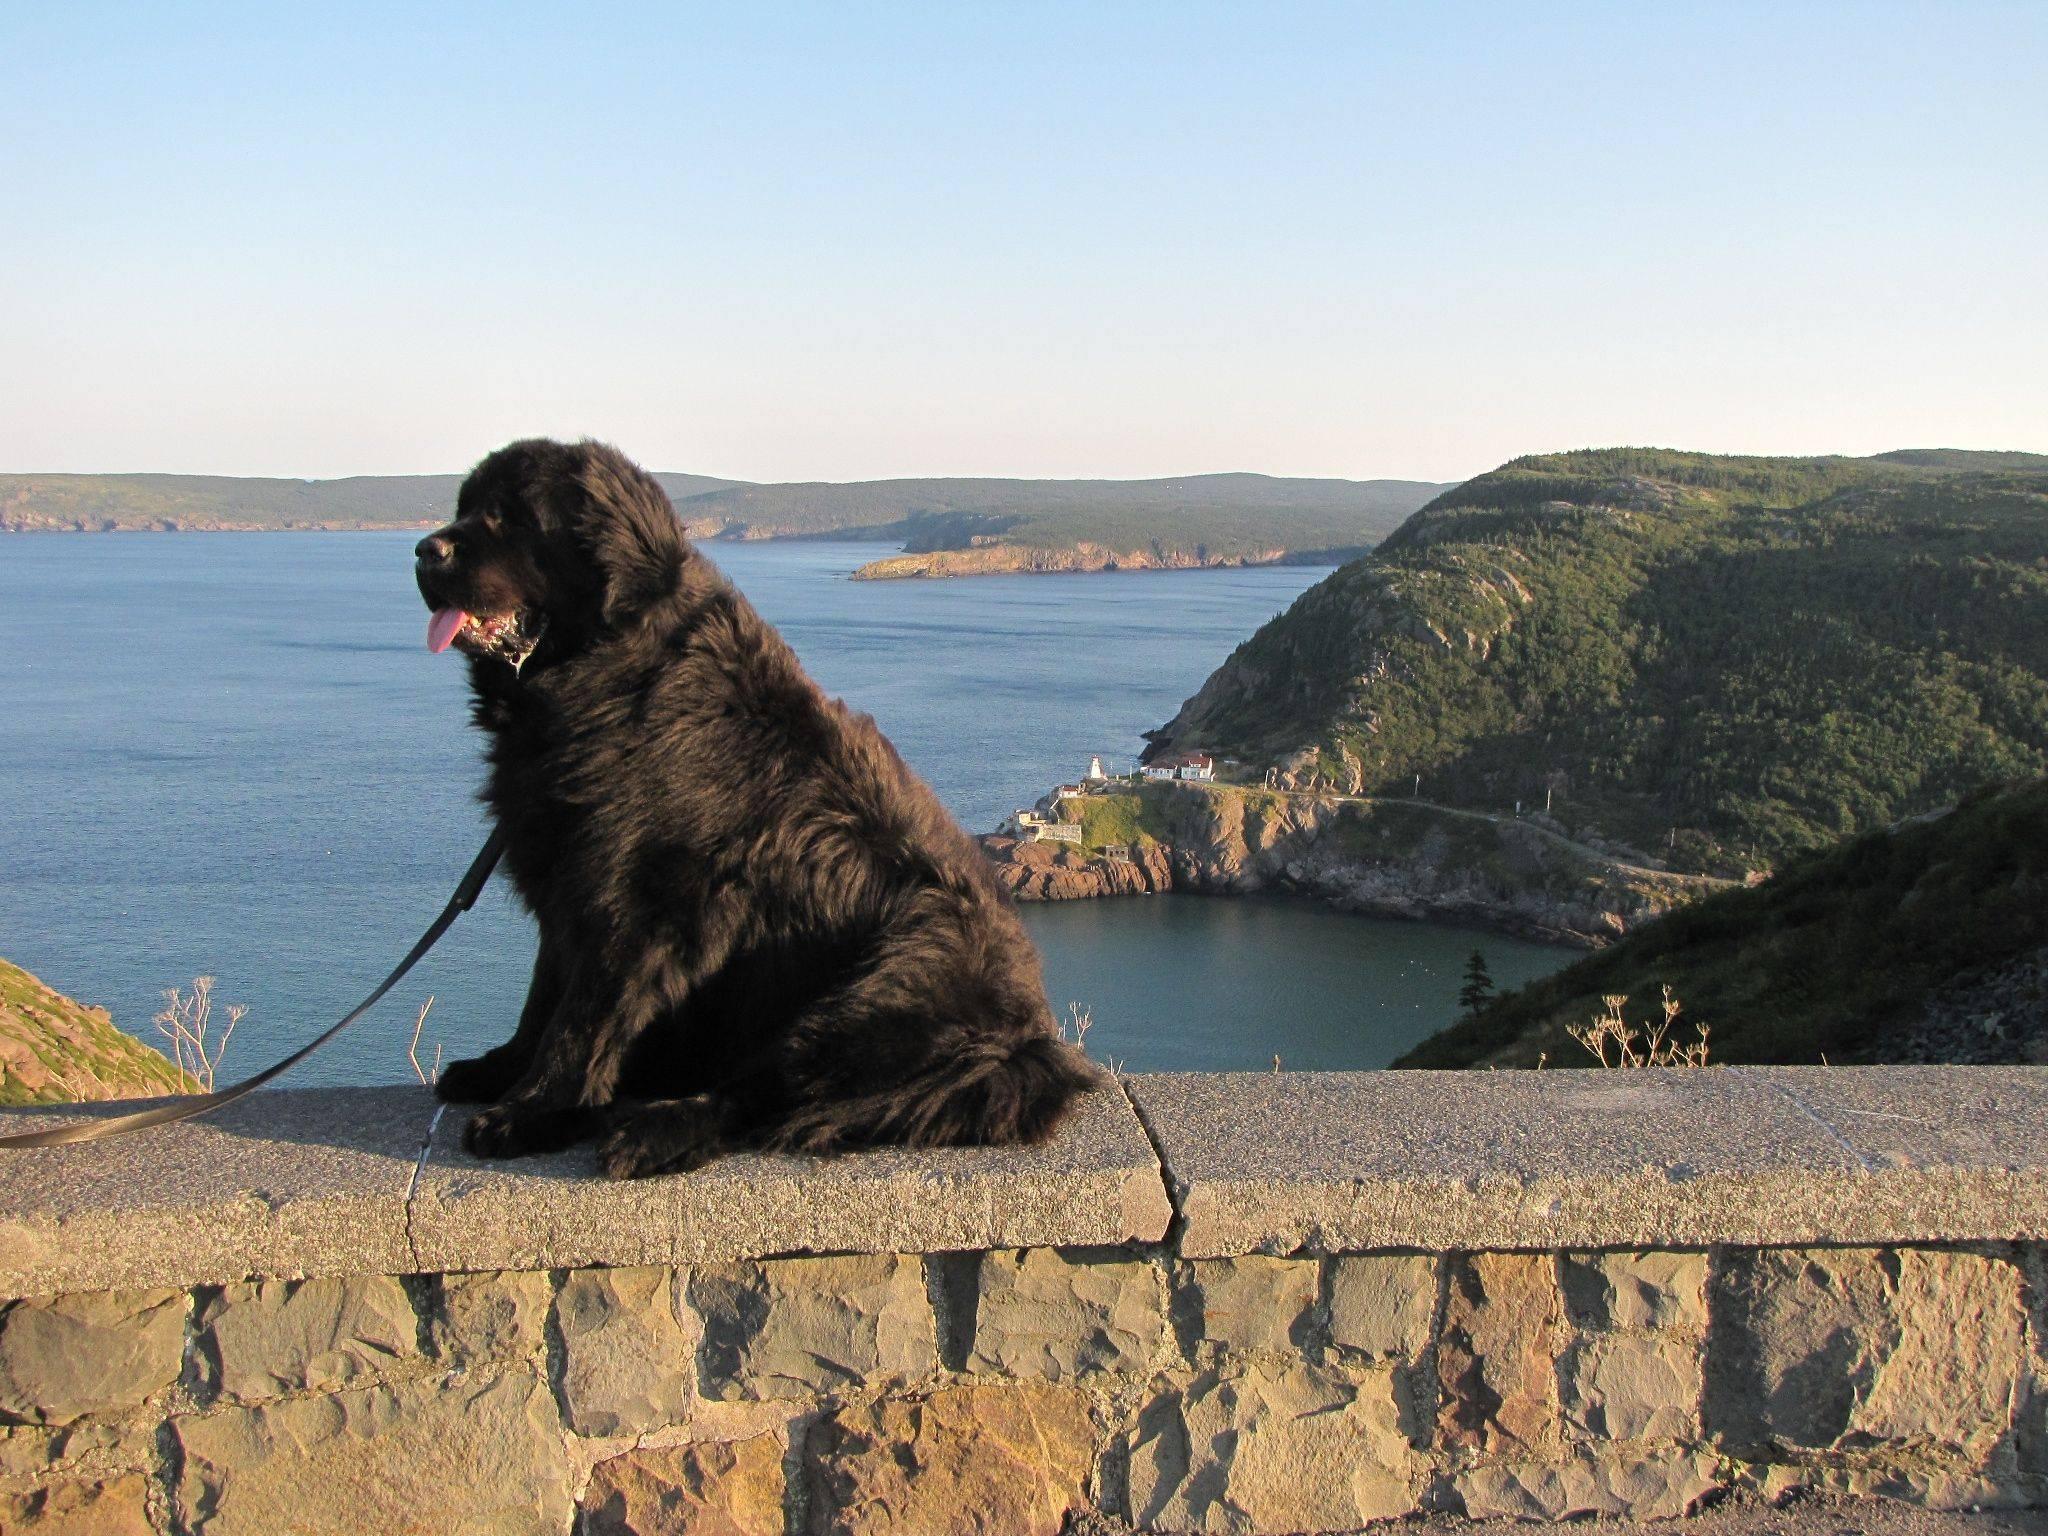 Всё о породе собак ньюфаундленд - описание, характеристика, фото ньюфаундлендов и видео